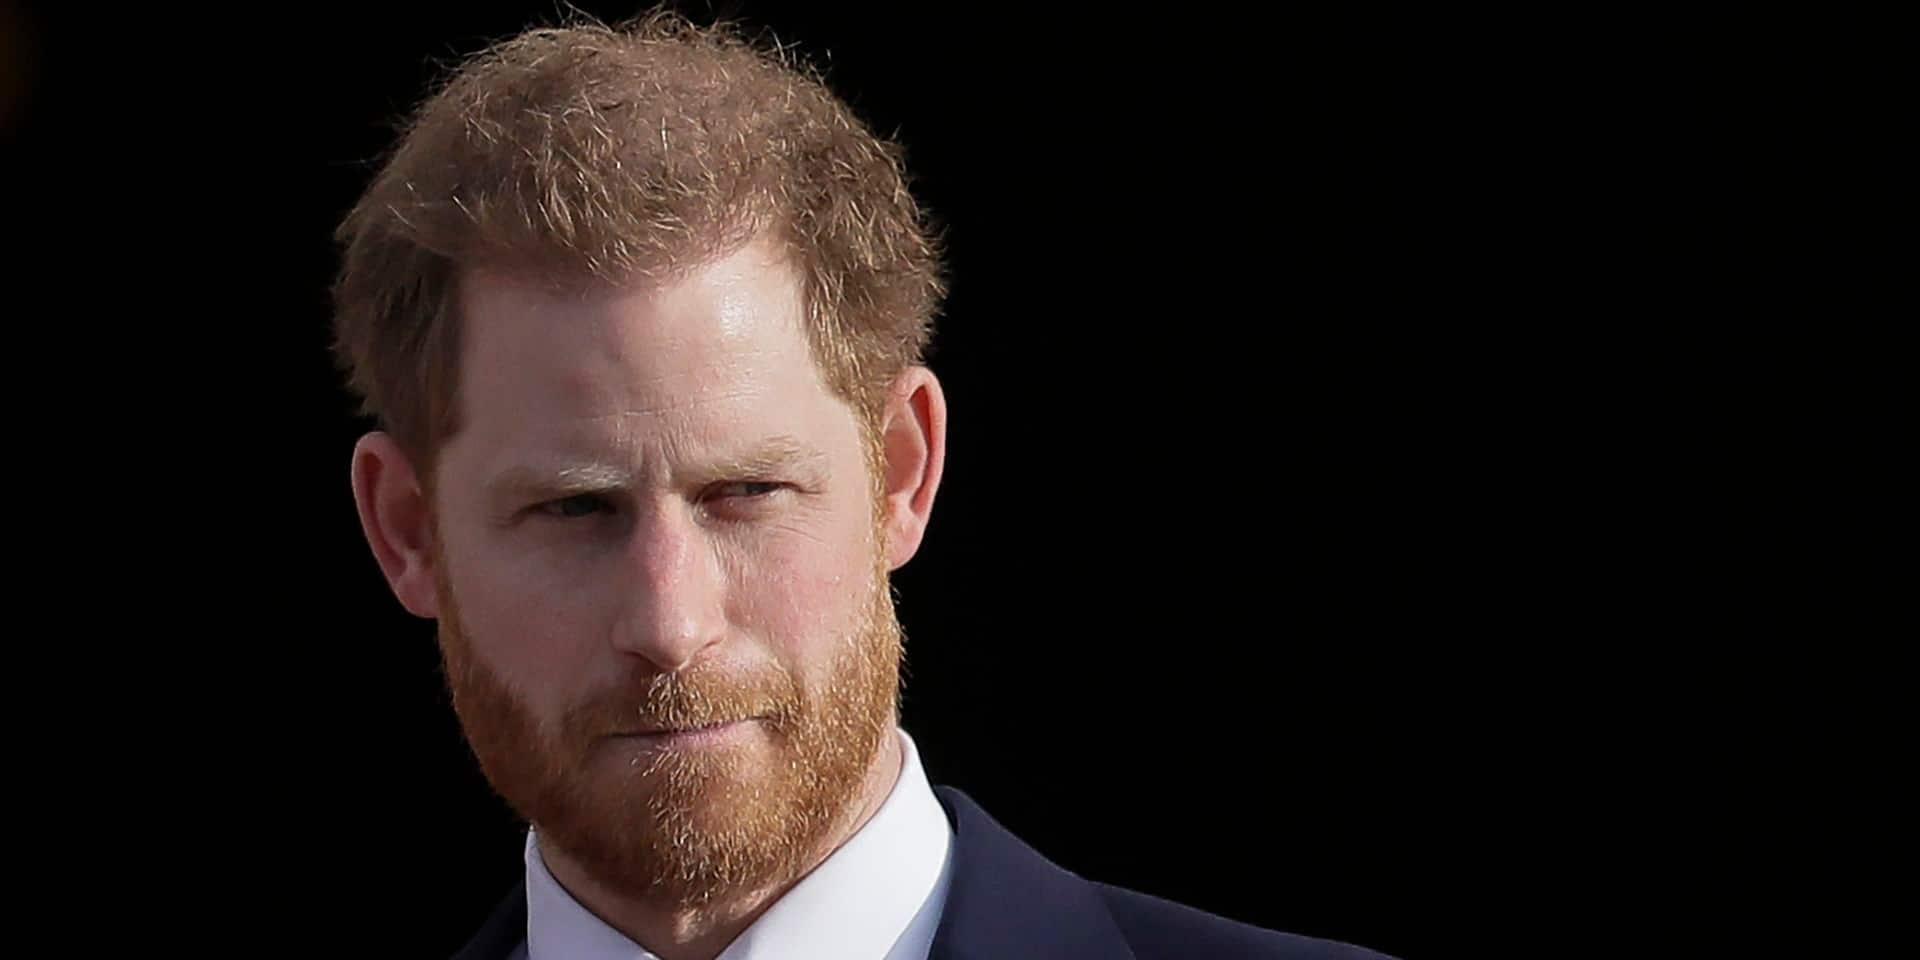 Le prince Harry riposte et révèle combien il a réellement touché sur l'héritage de son arrière-grand mère